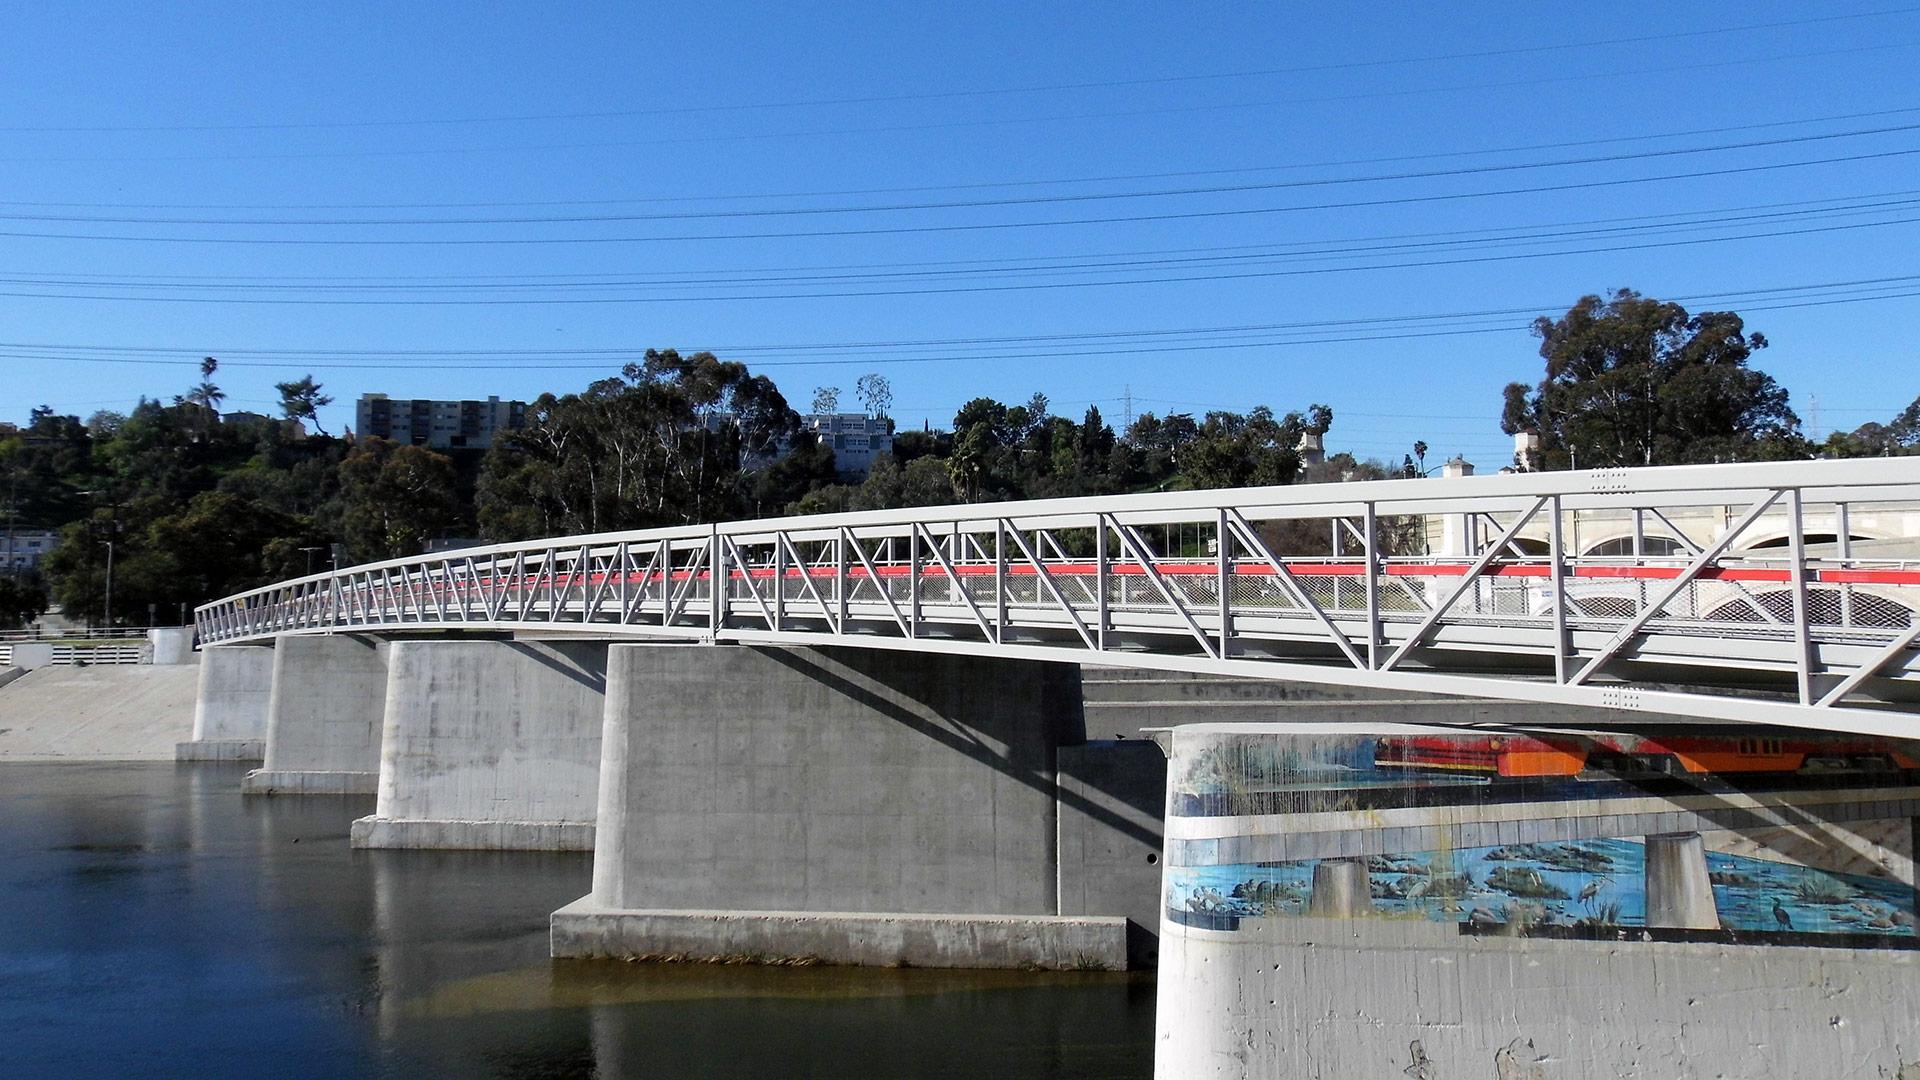 A brand-new pedestrian bridge that runs alongside the historic Glendale-Hyperion Bridge. | Sandi Hemmerlein